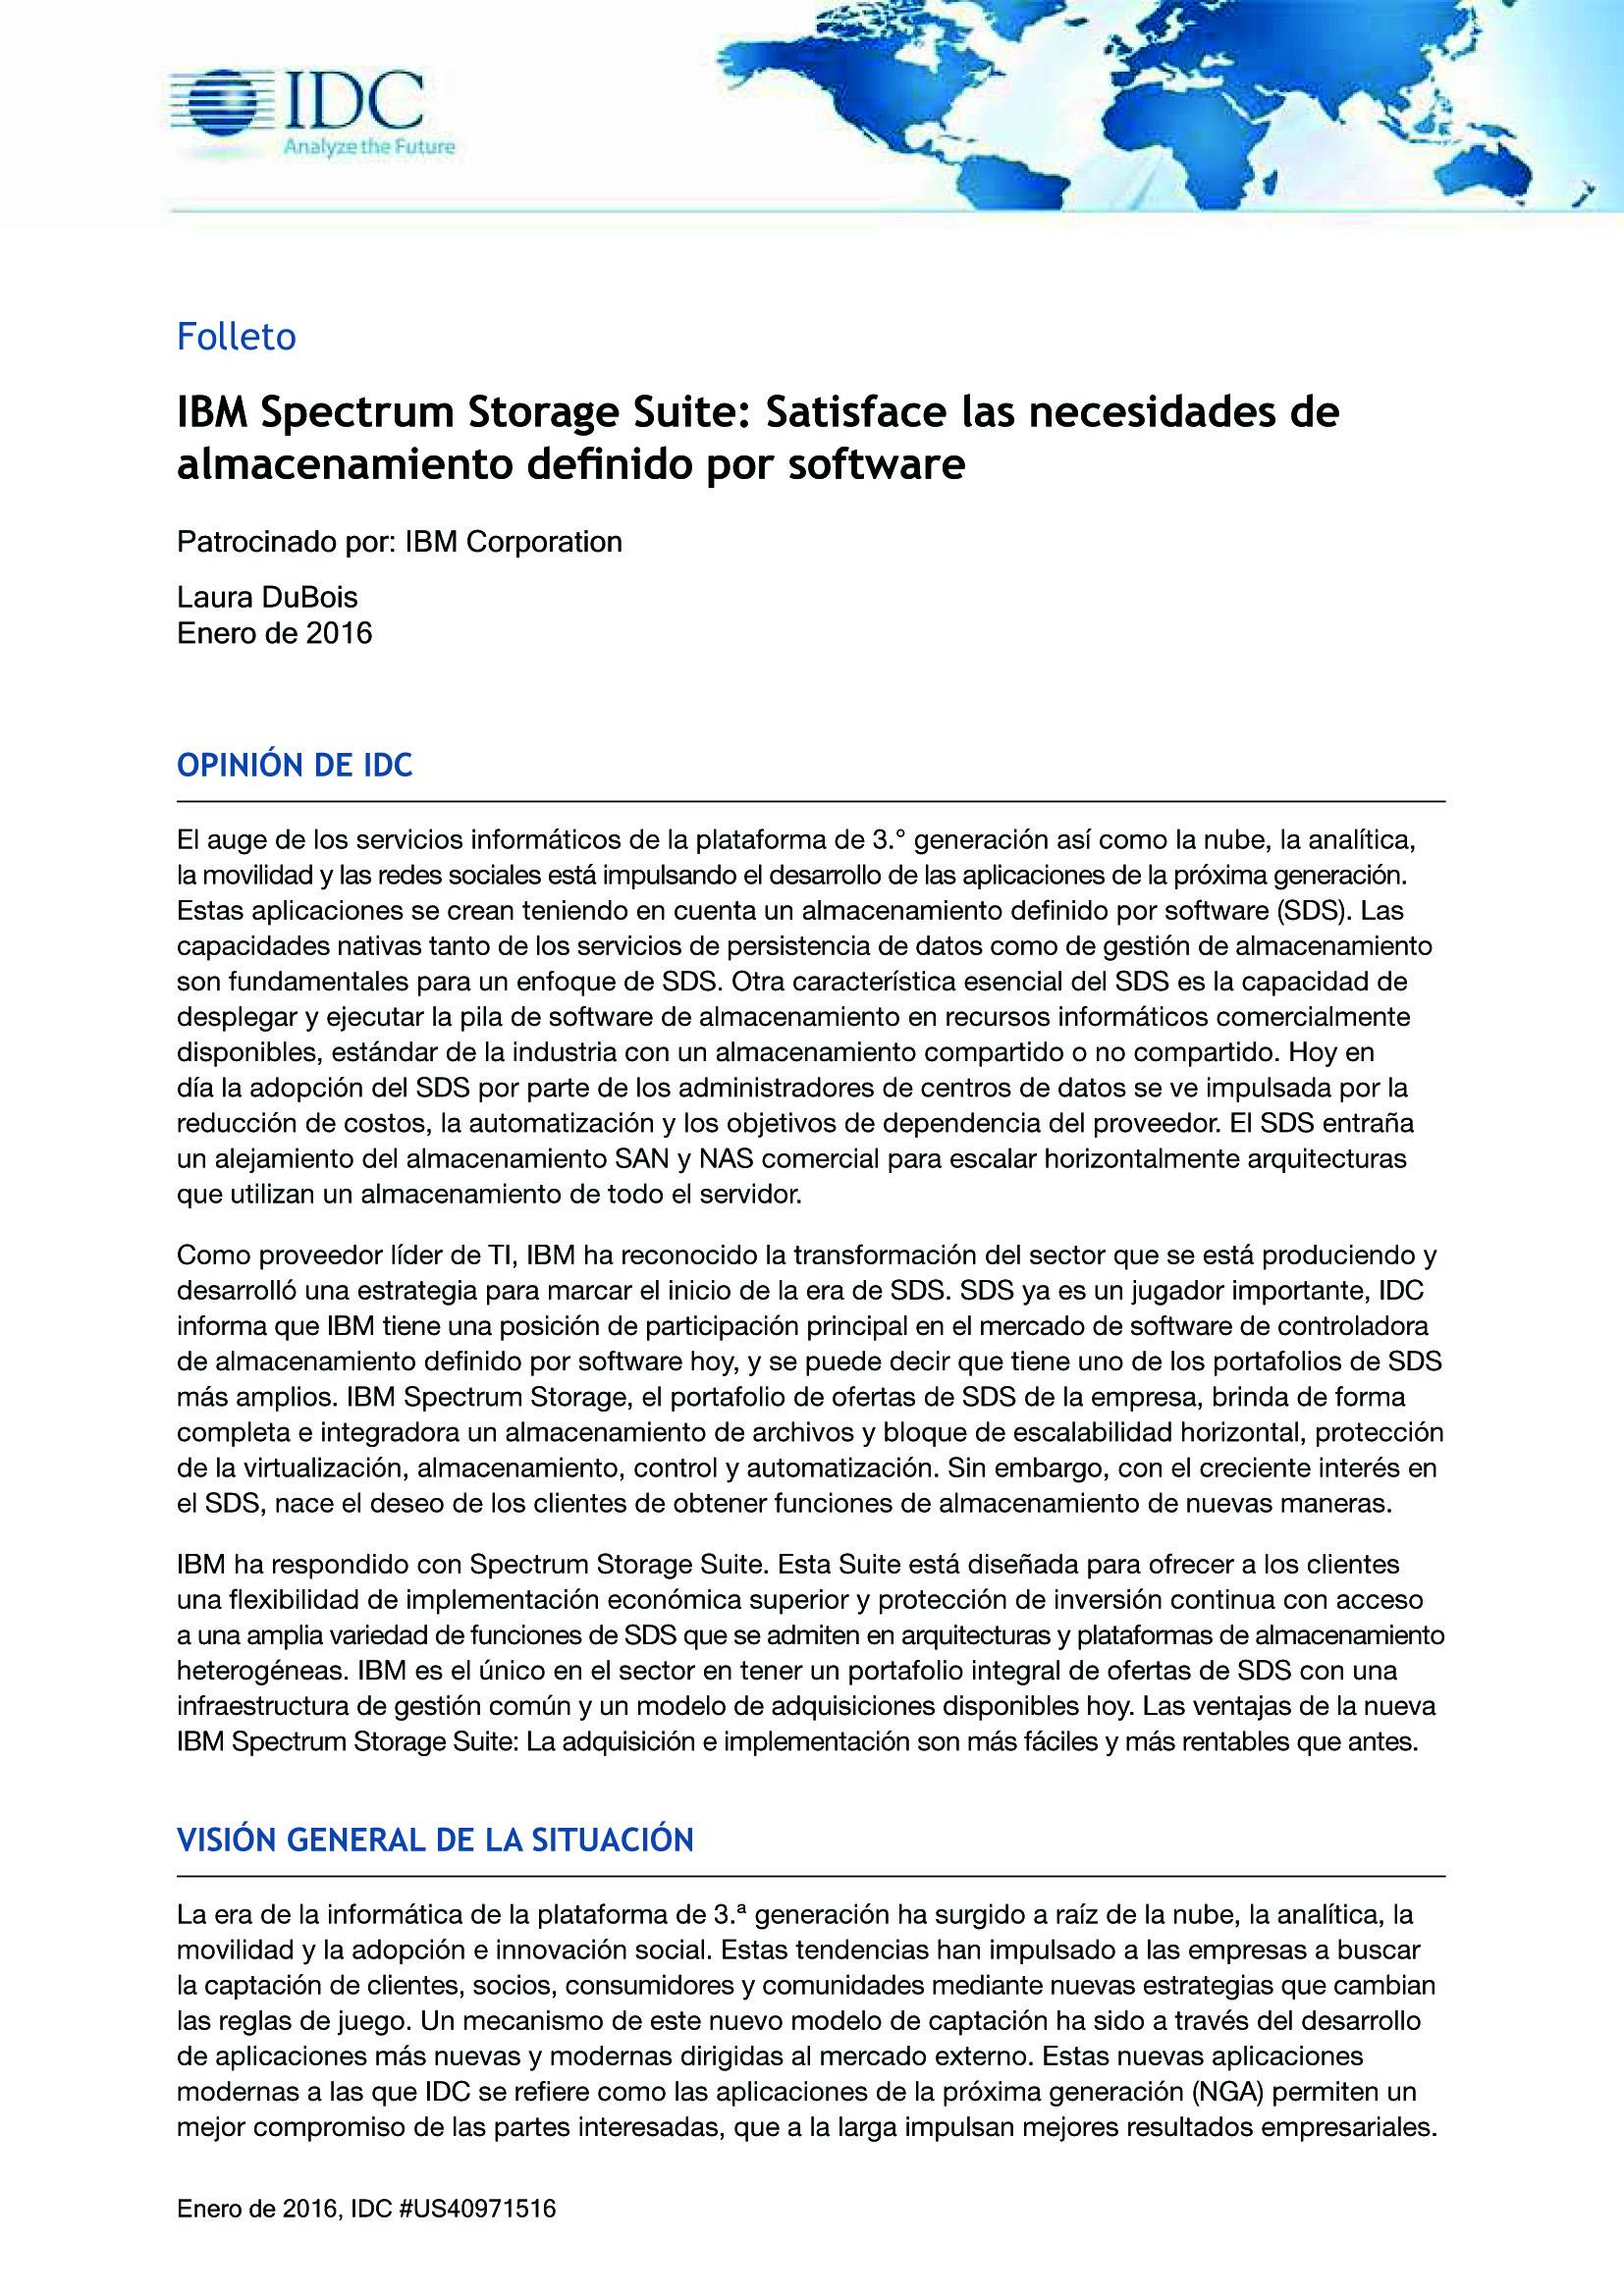 IBM Spectrum Storage Suite: Satisface las necesidades de almacenamiento definido por software